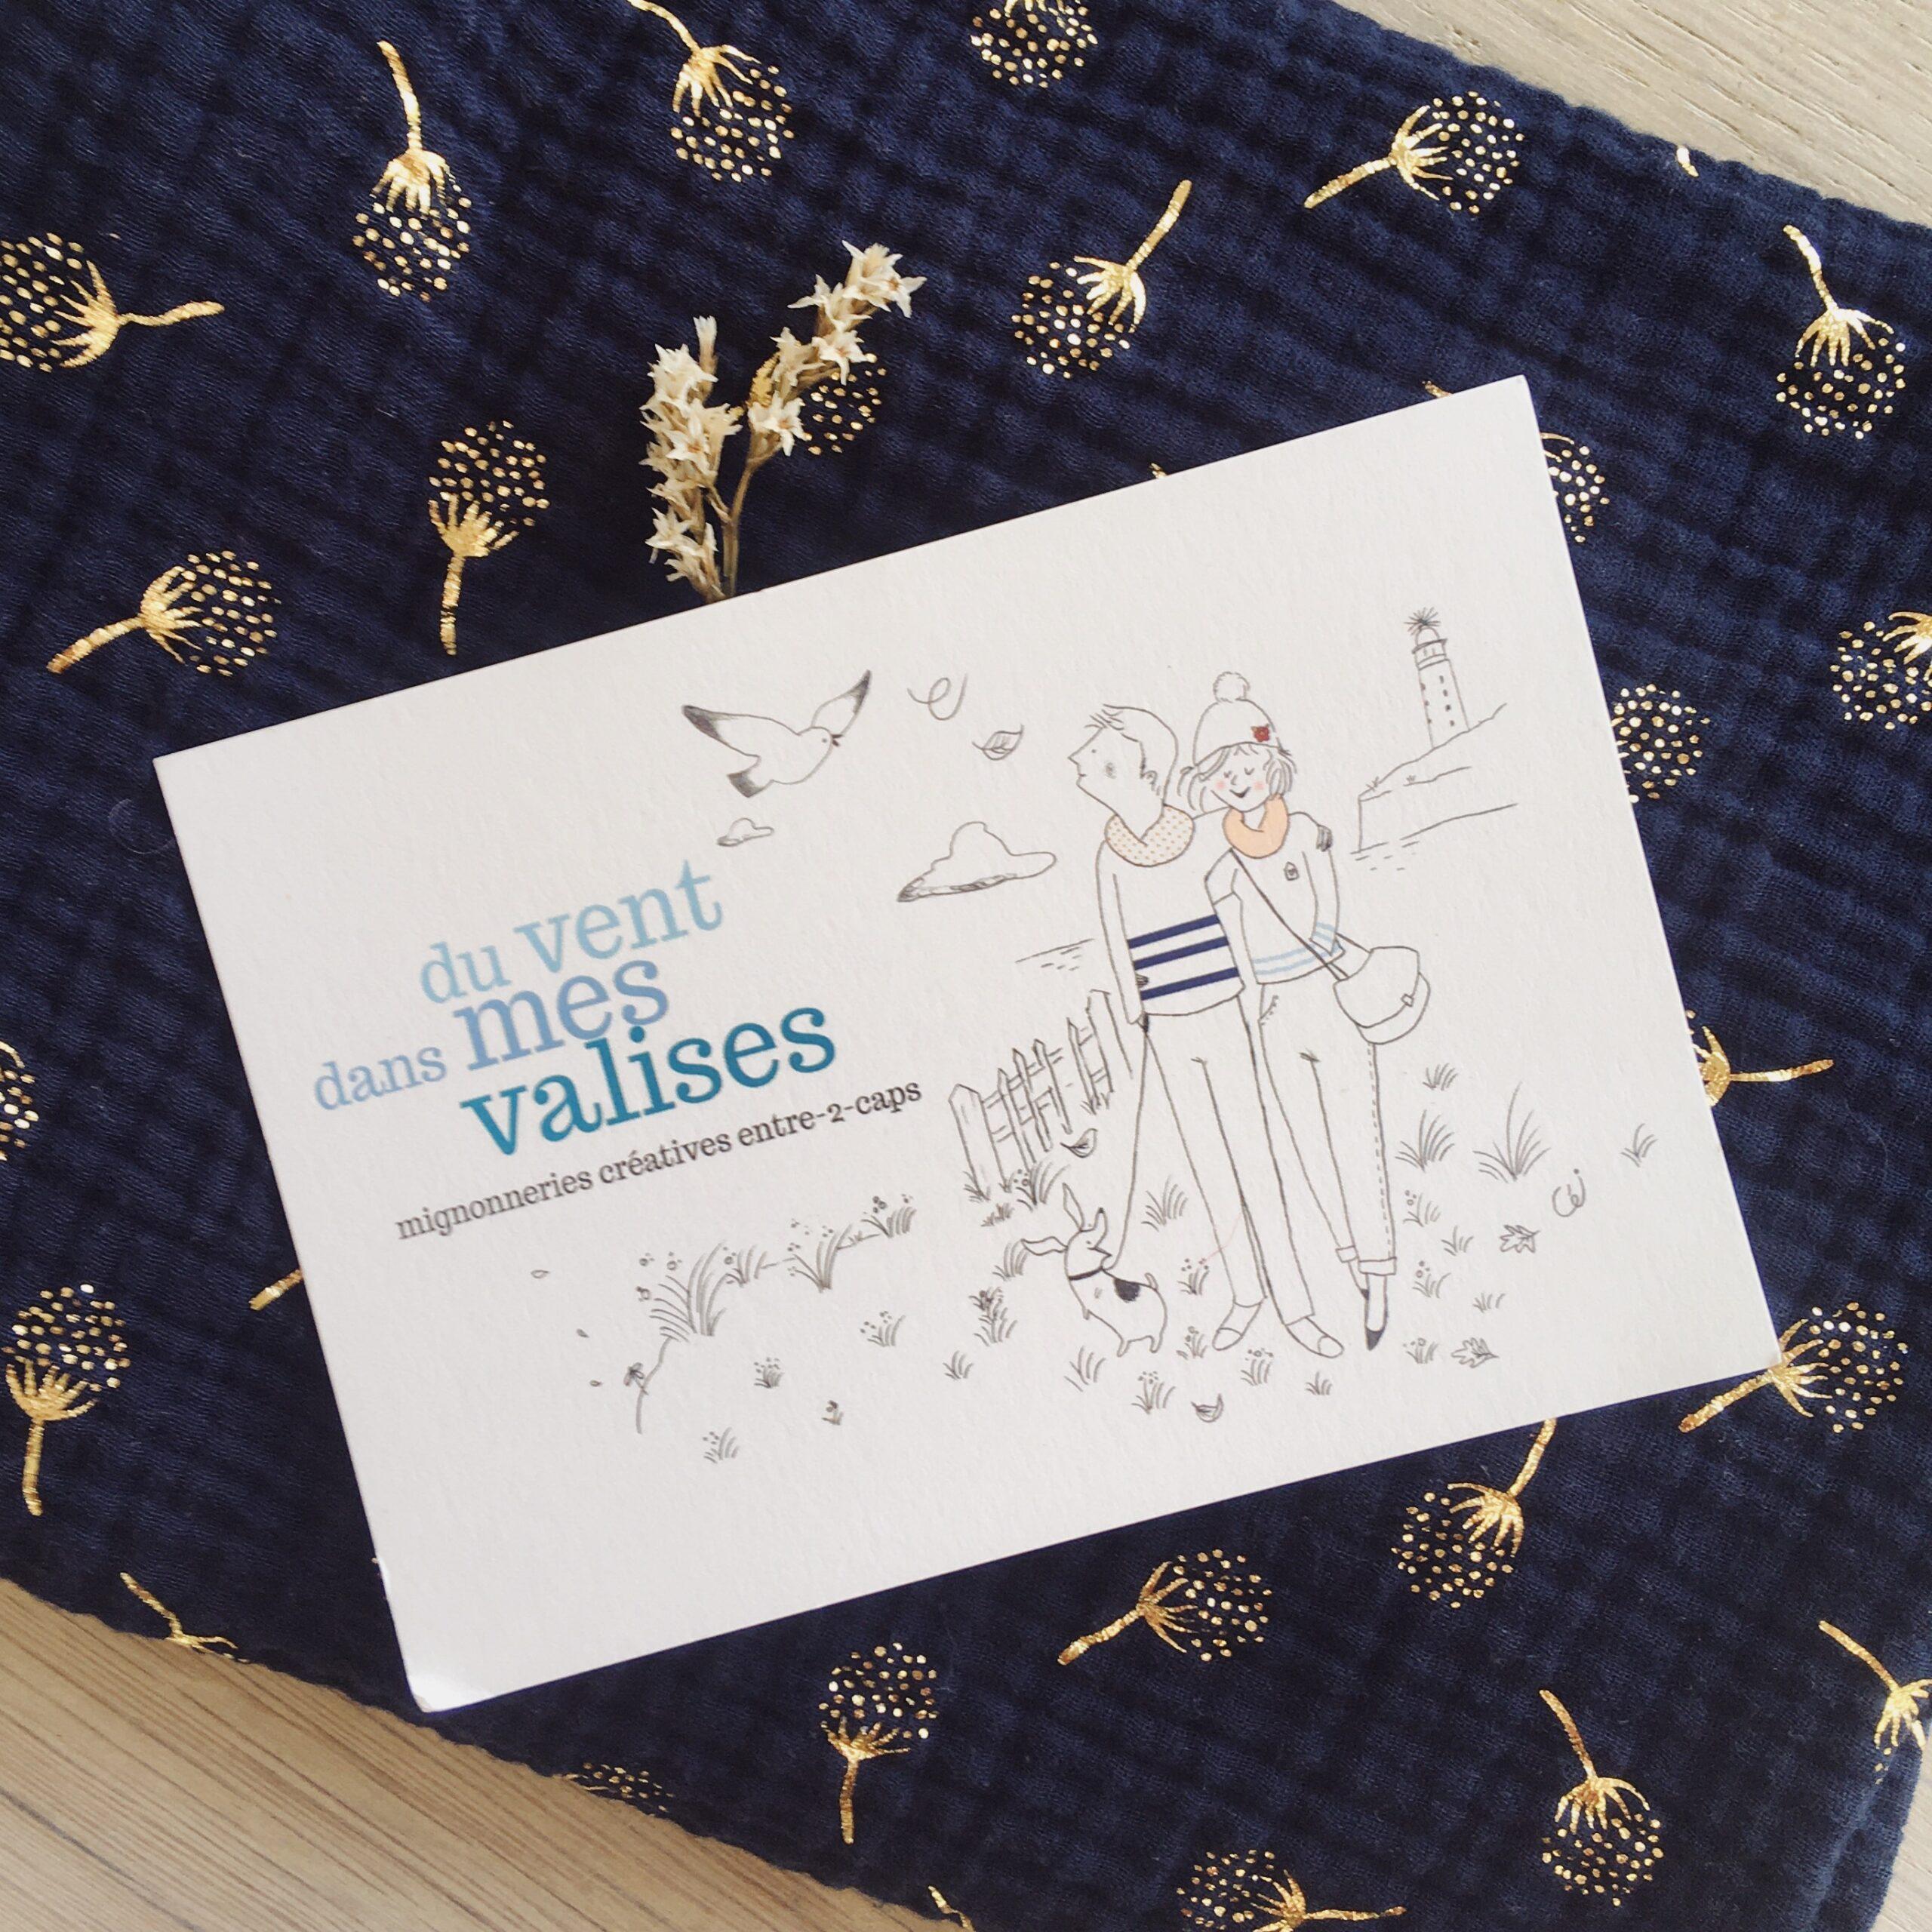 echarpe-tube-snood-femme-fille-chardons-dores-collection-automne-hiver-bleu-marine-confection-artisanale-francaise-en-double-gaze-100-coton-du-vent-dans-mes-valises